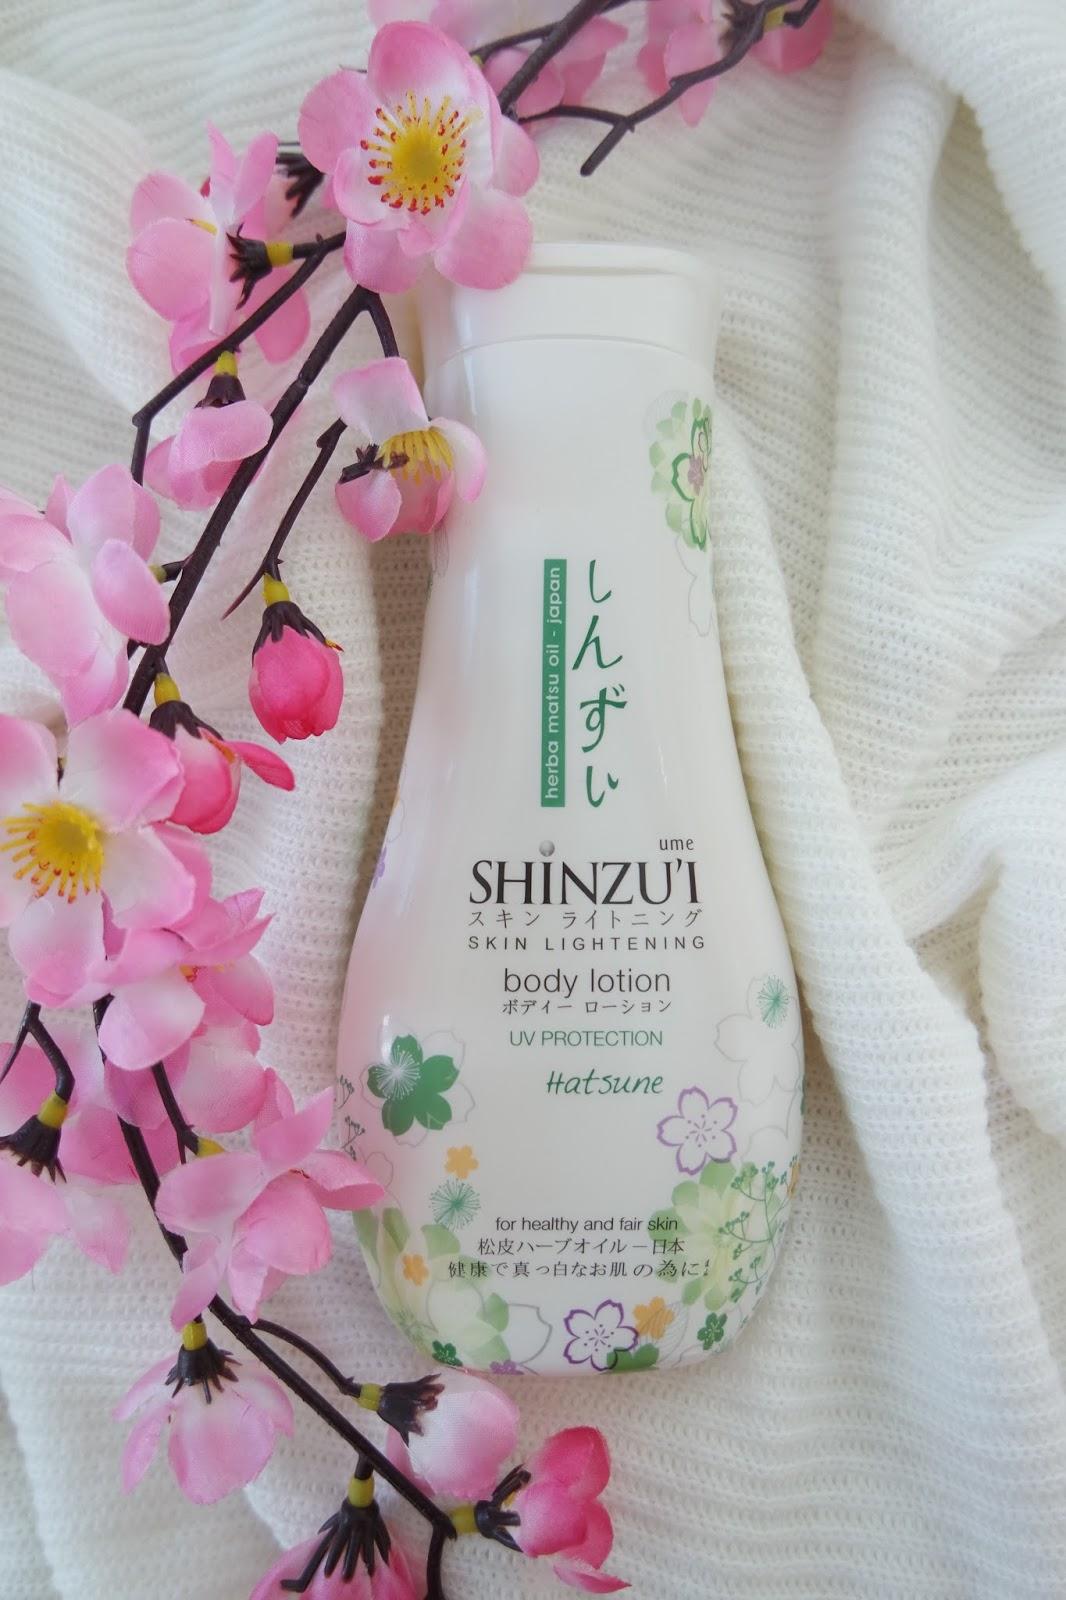 Manfaat Dan Kegunaan Dari Shinzui Lightening Body Cleanser Termasuk Lotion